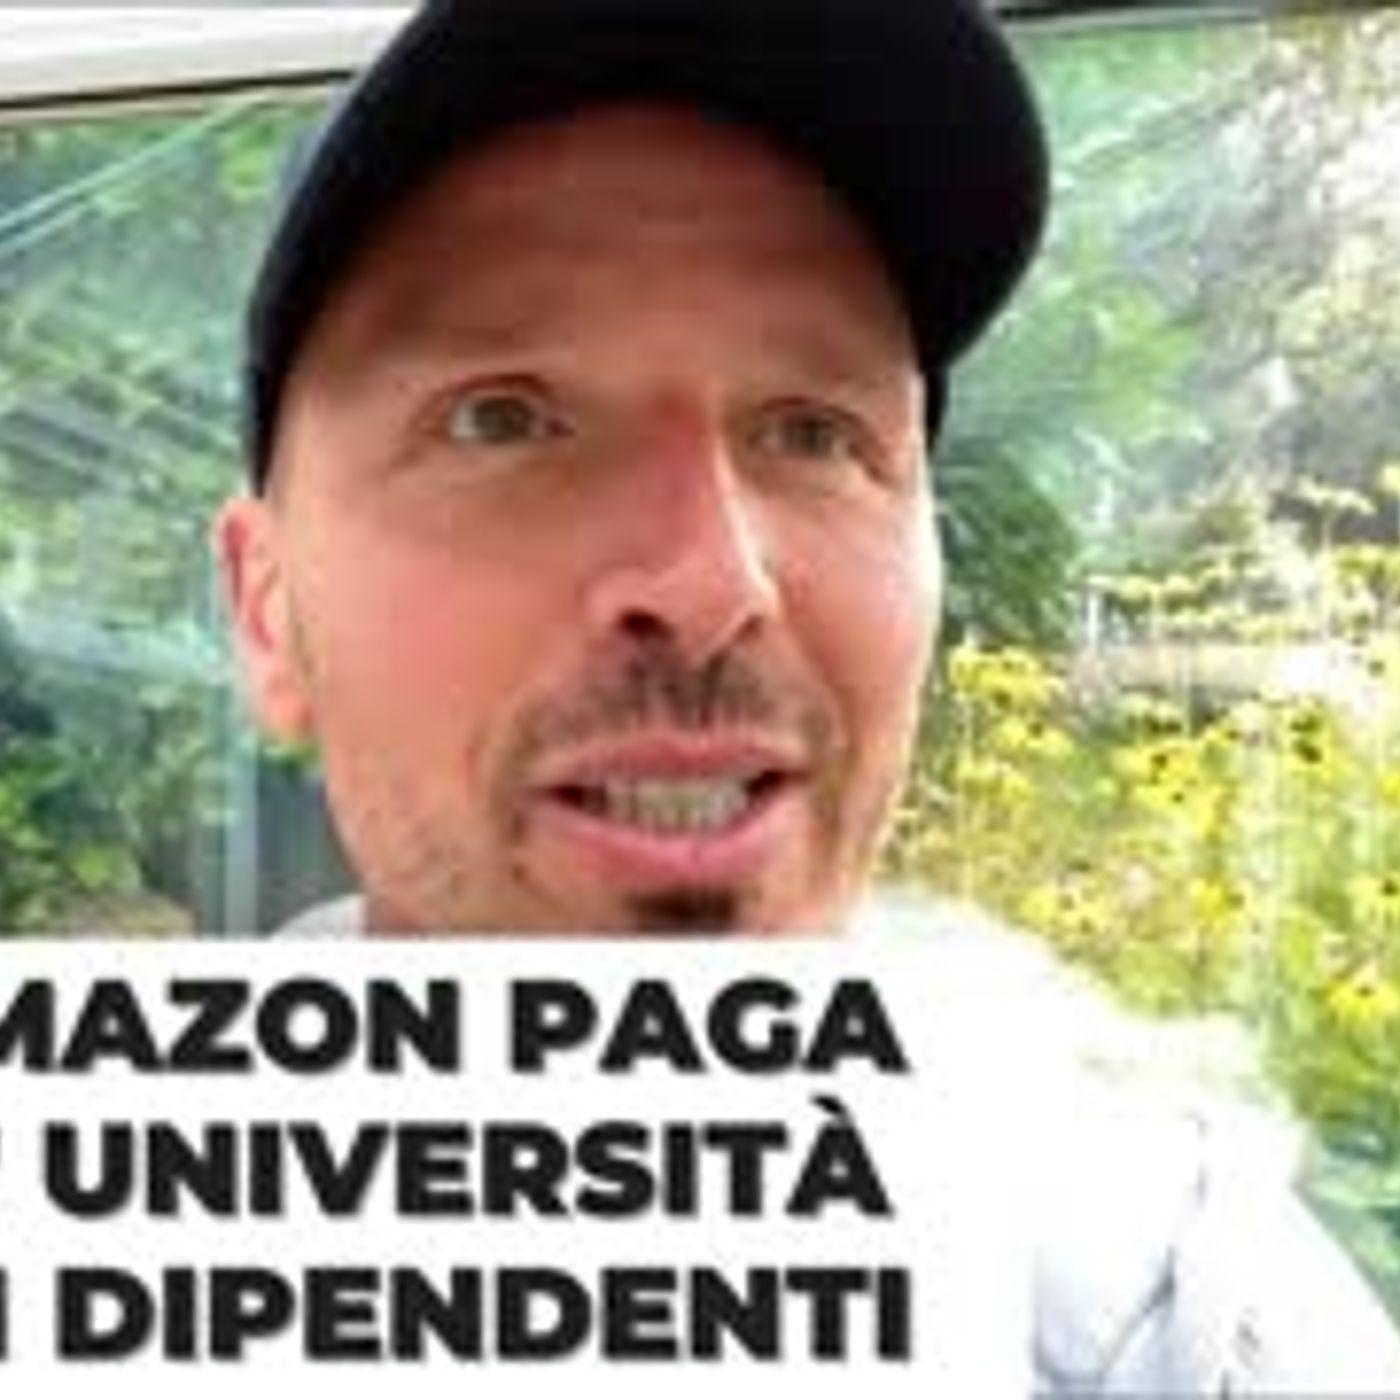 Amazon paga l'università ai dipendenti (mentre assume altre 125.000 persone)